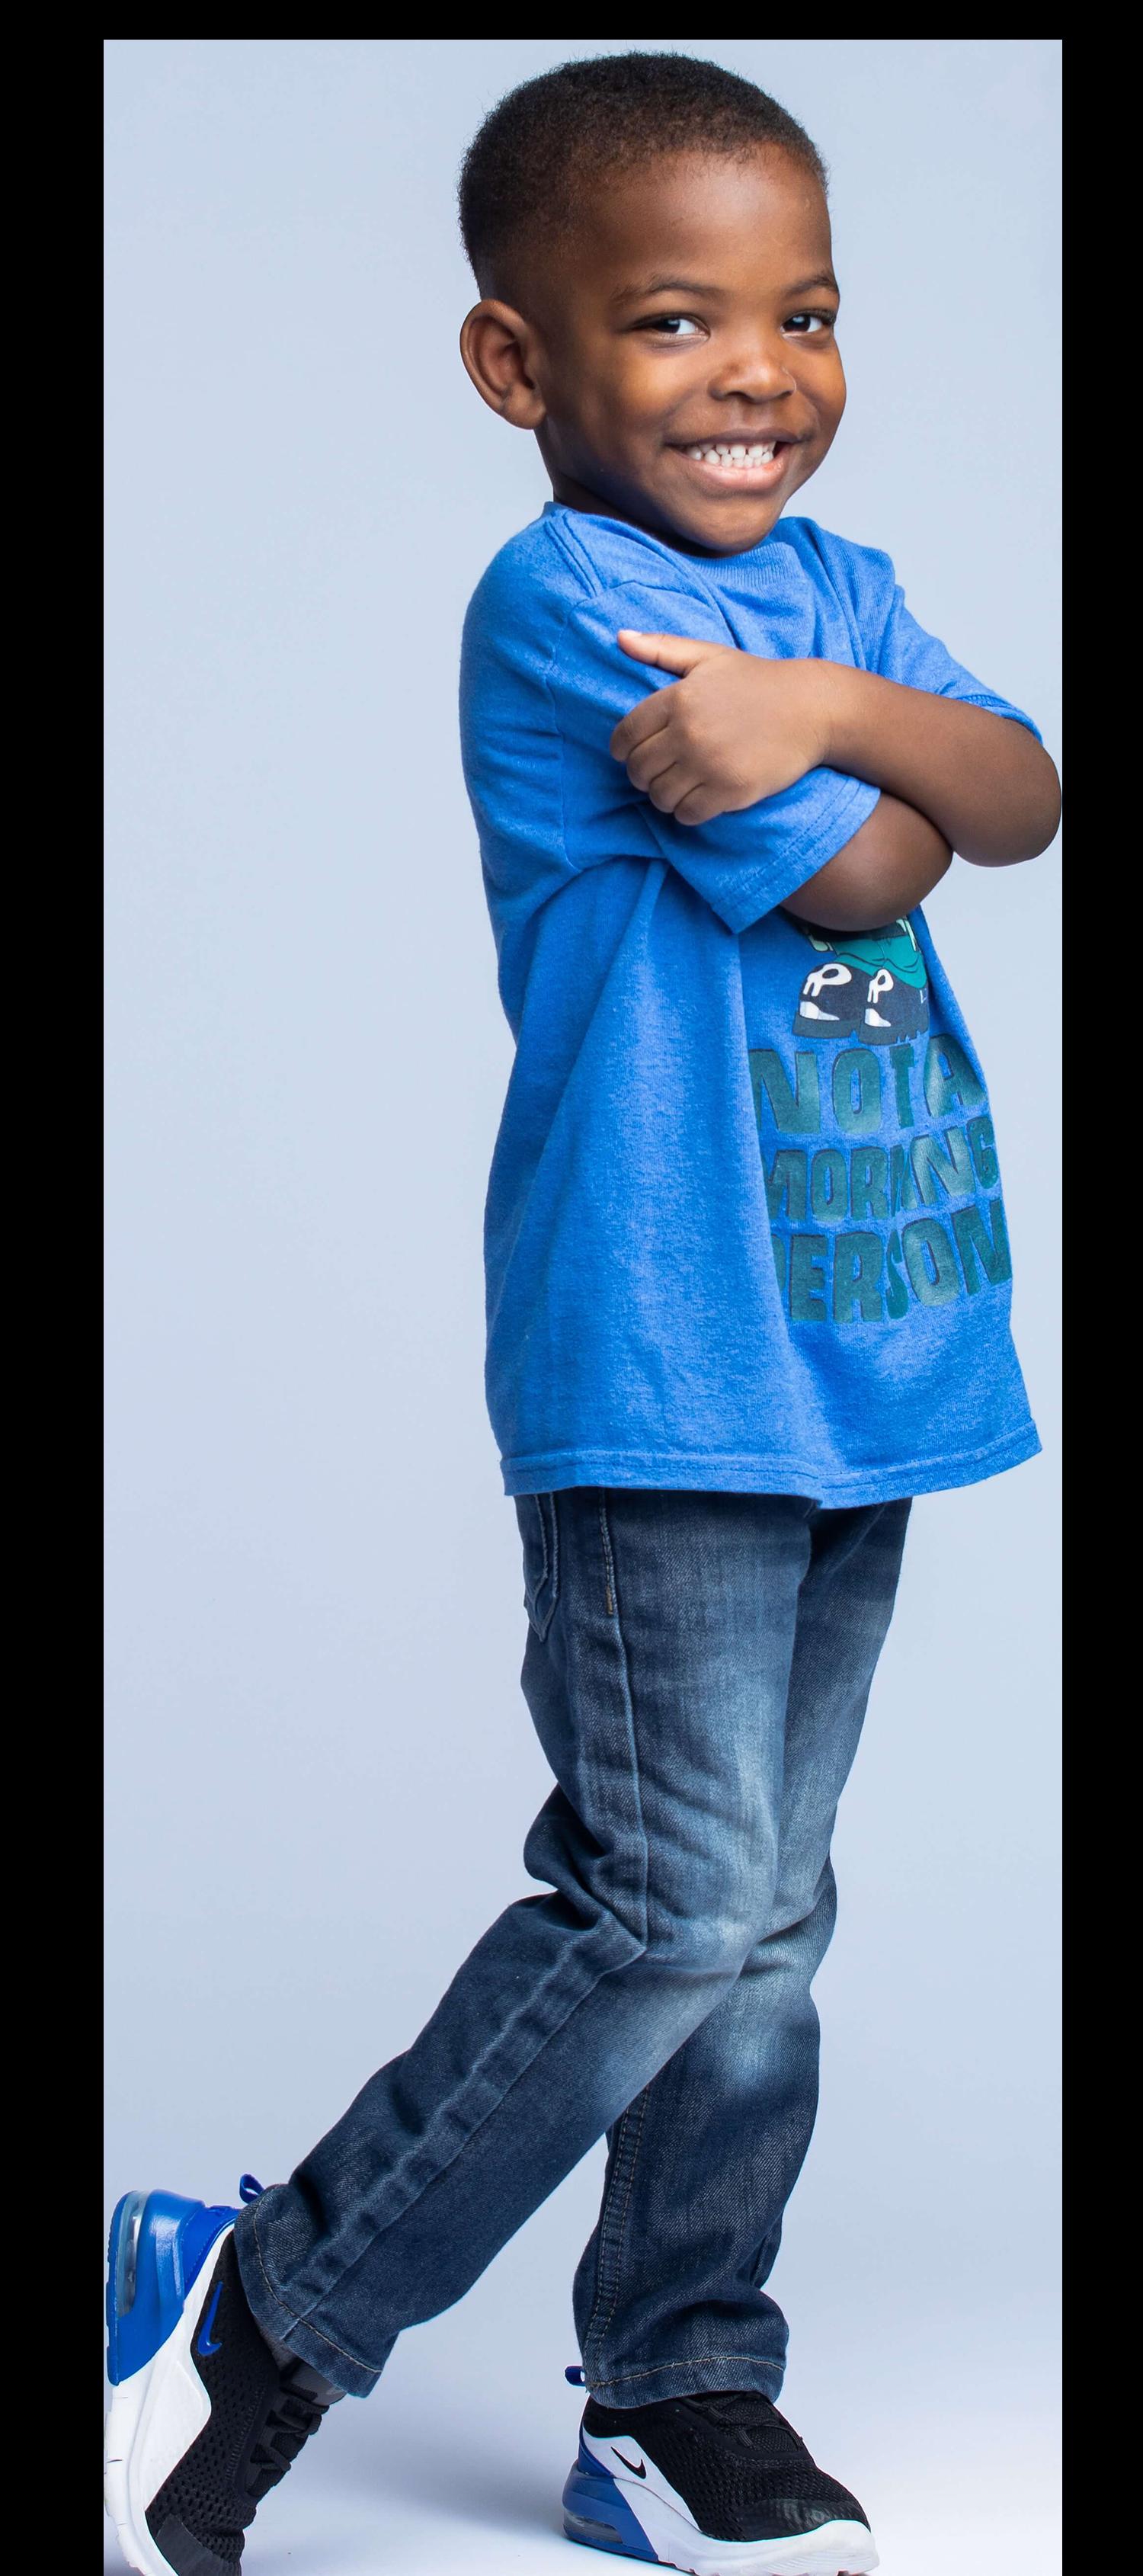 Kid in blue shirt-unsplash